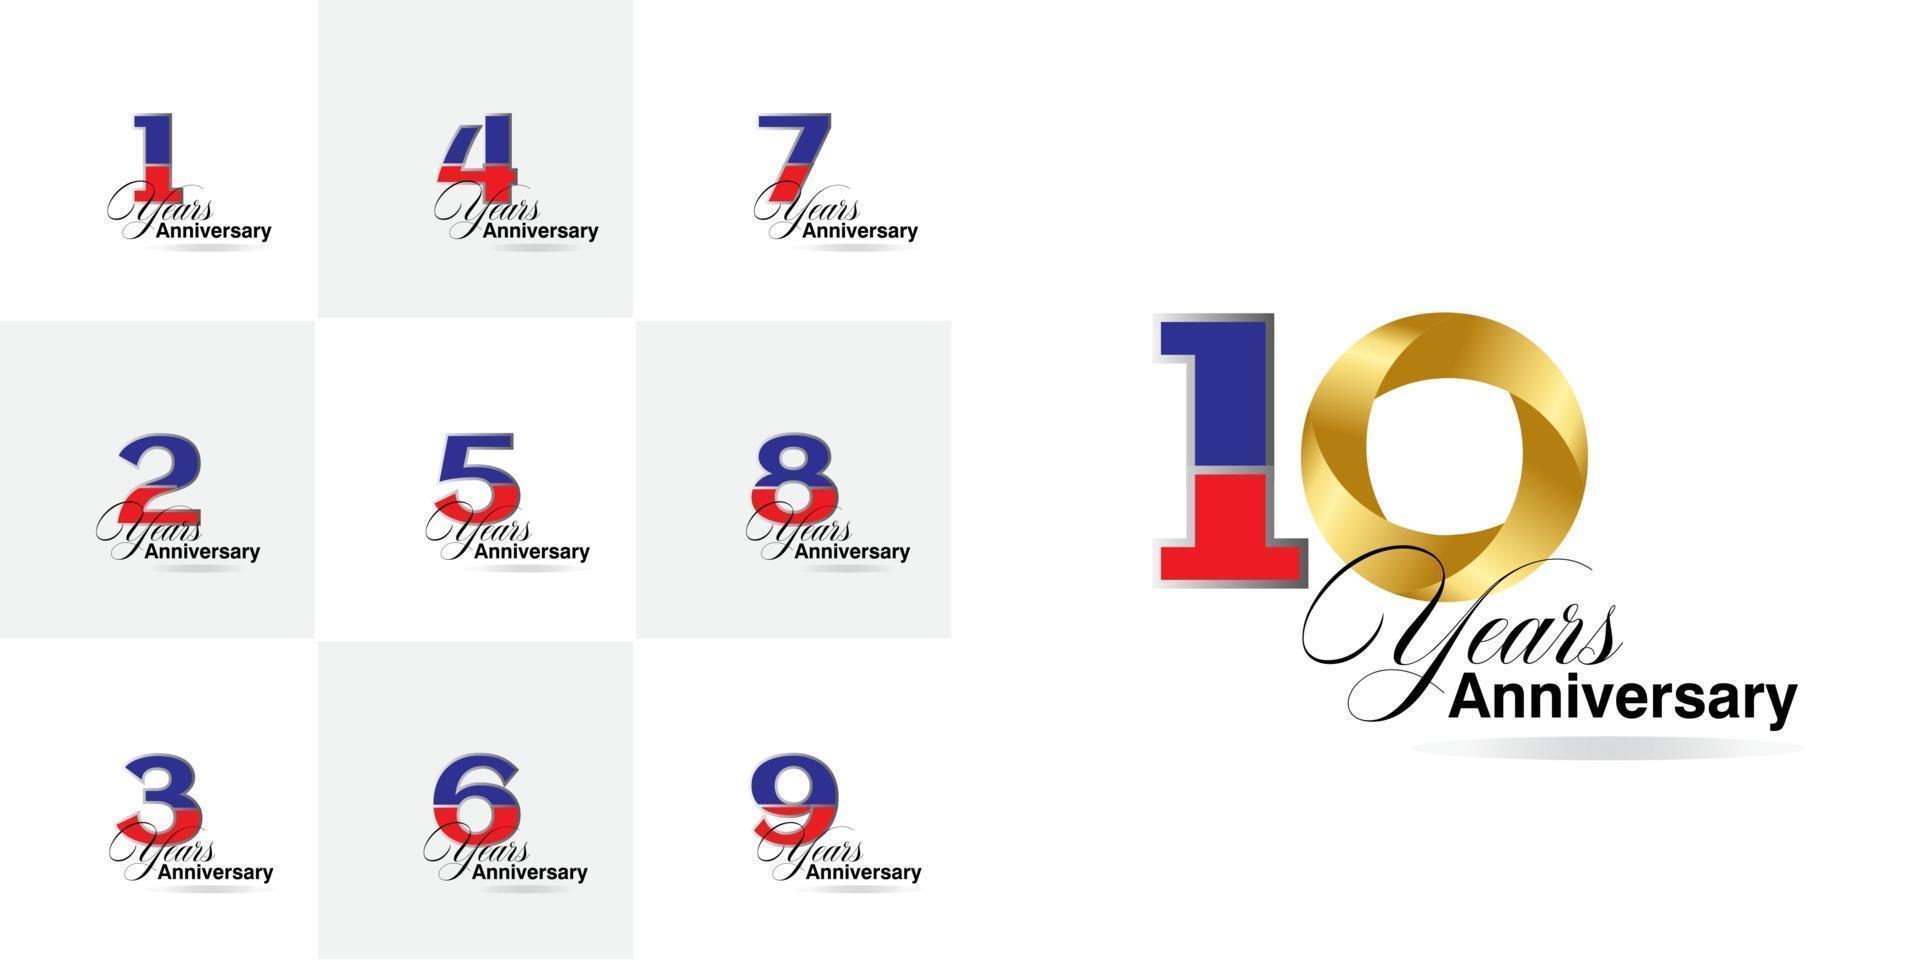 conjunto de números de celebração de aniversário de 1, 2, 3, 4, 5, 6, 7, 8, 9, 10 anos vetor